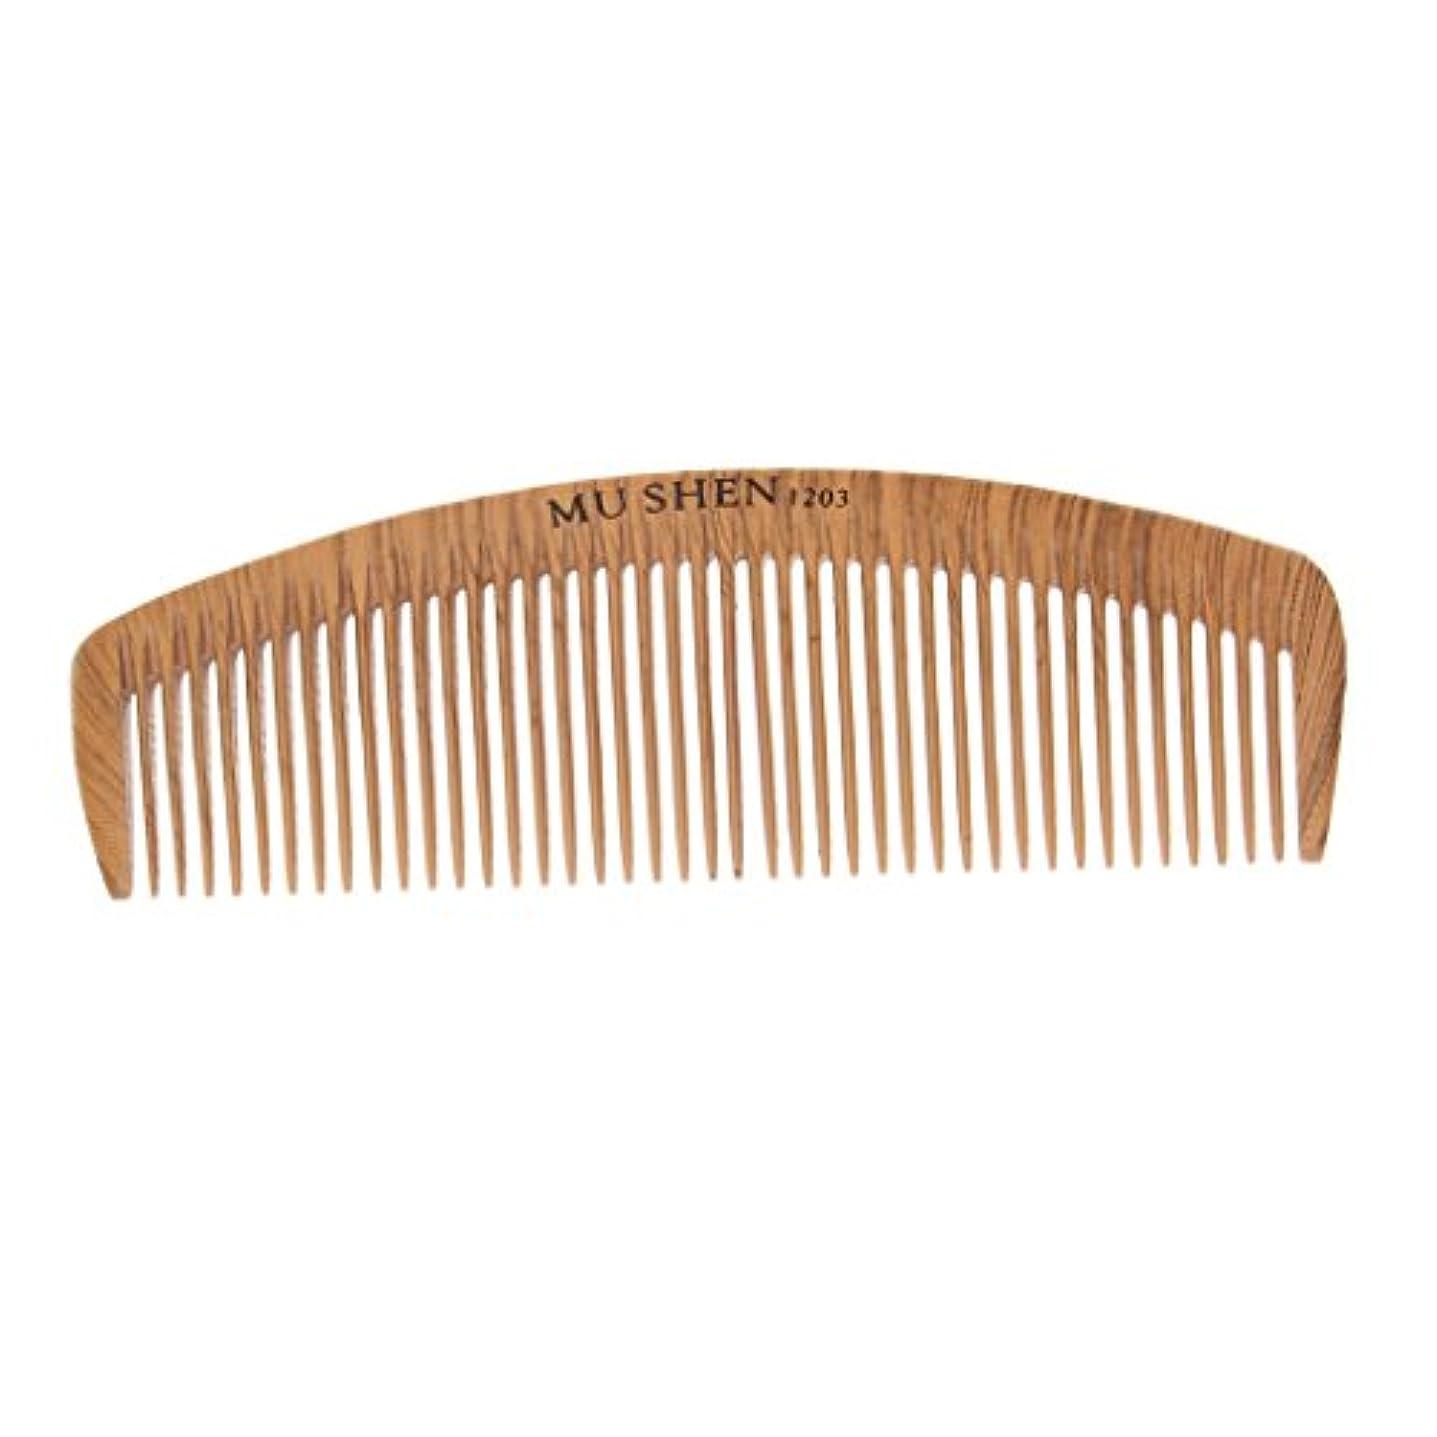 民間人栄光租界帯電防止ウッドサロン床屋ヘアスタイリング理髪切削くしヘアブラシ - 1203